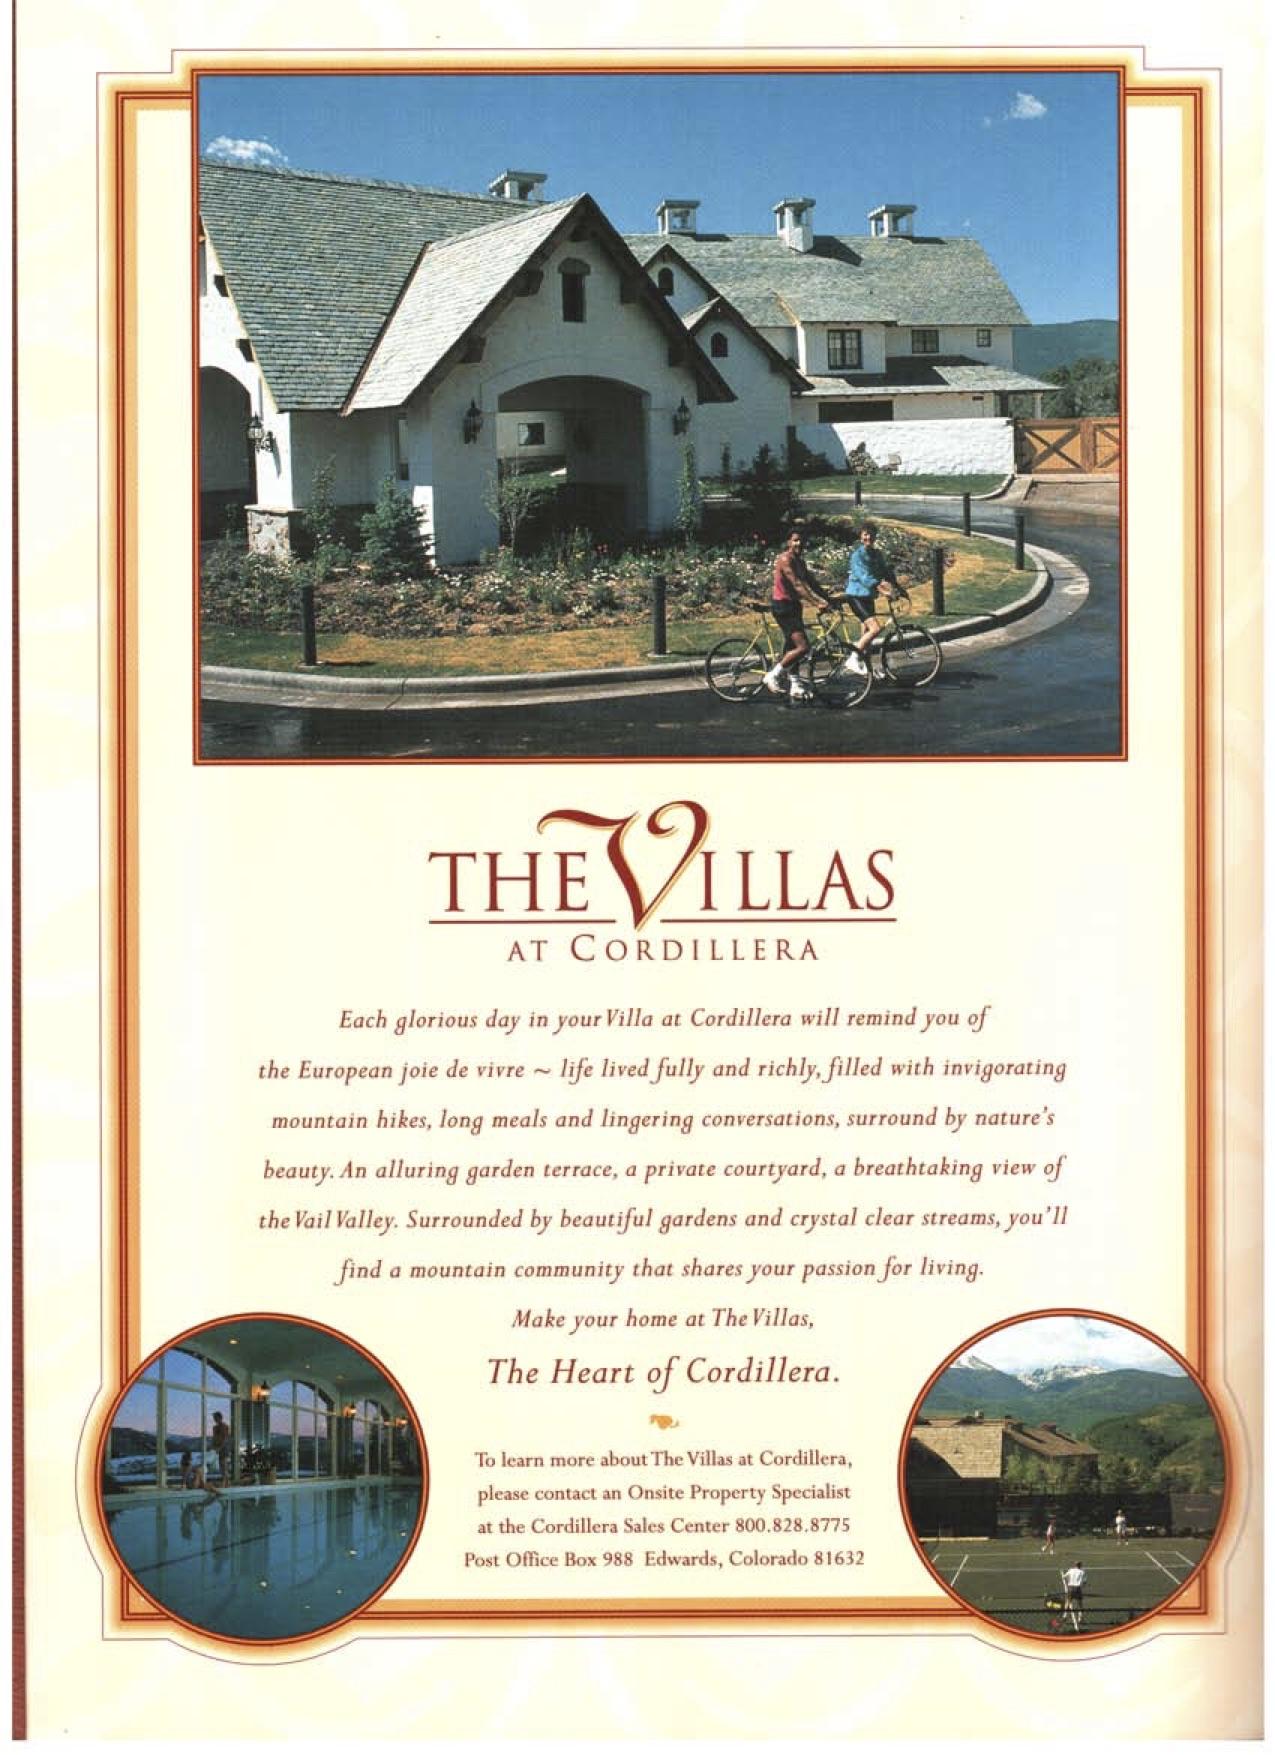 The Villas at Cordillera Campaign